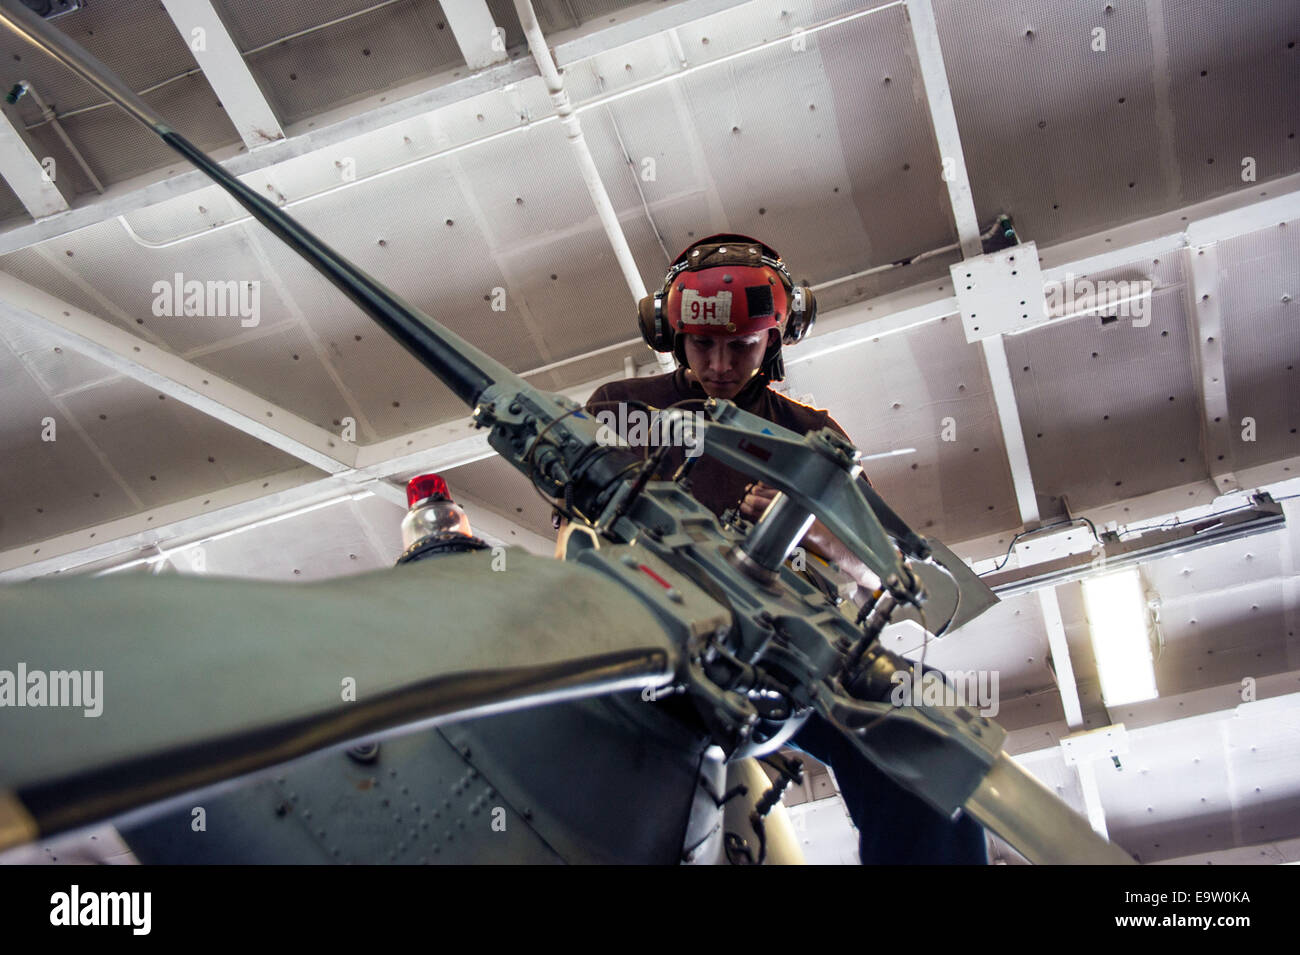 Stati Uniti Navy Airman Nathan Mitchell esegue le operazioni di manutenzione su un MH-60S Seahawk elicottero assegnato Immagini Stock